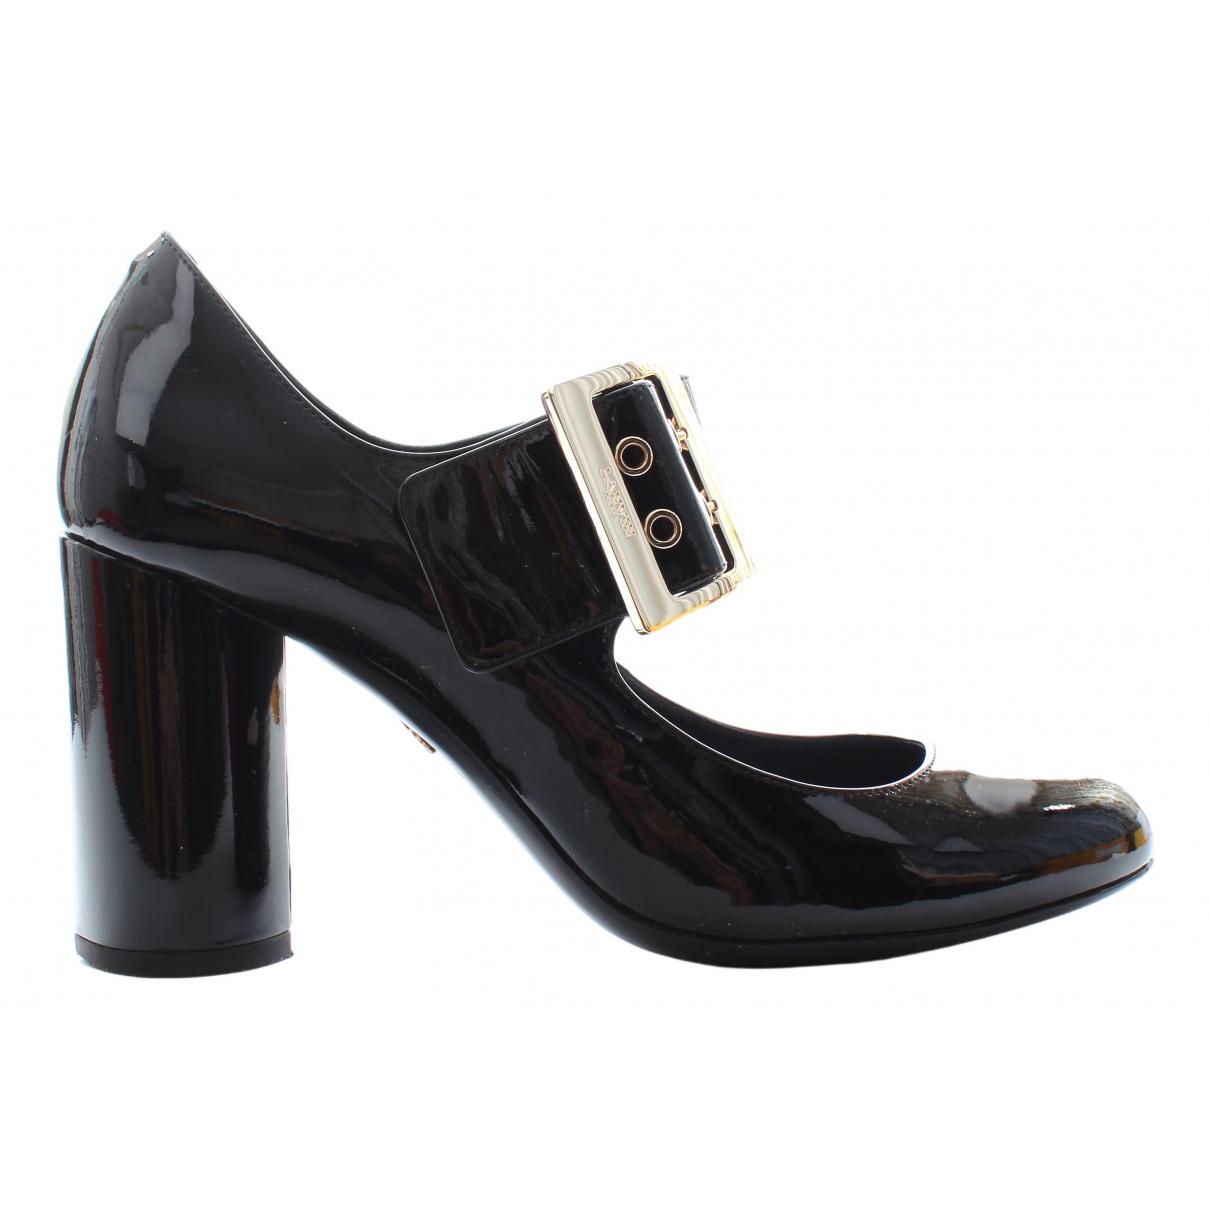 Lanvin N Black Leather Heels for Women 38 EU